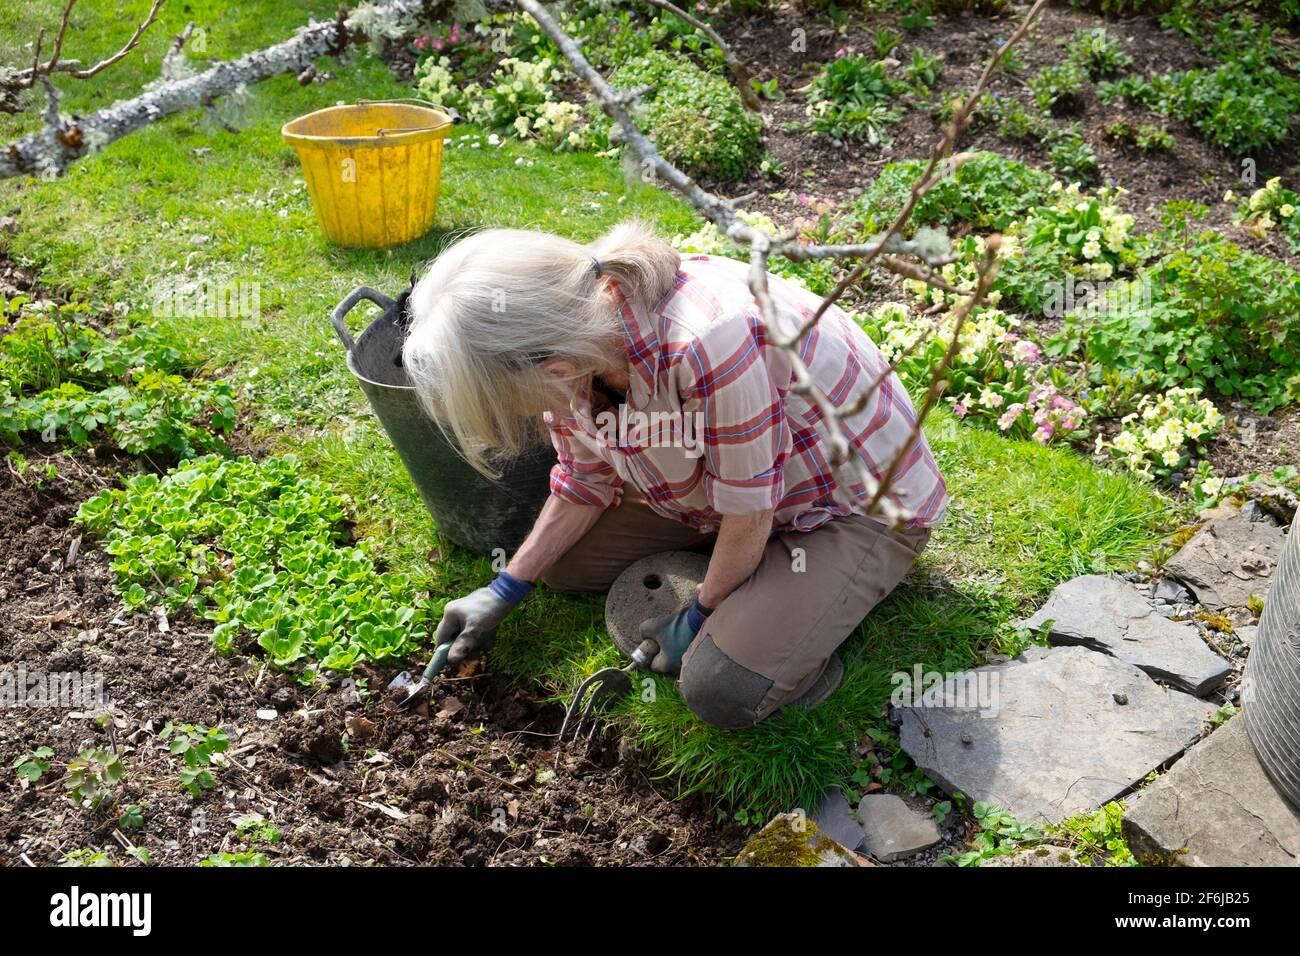 Donna anziana in ginocchia nel giardino di casa di primavera marzo Giardinaggio erbacce bordi del bordo con forchetta piccola cazzuola Gran Bretagna REGNO UNITO KATHY DEWITT Foto Stock